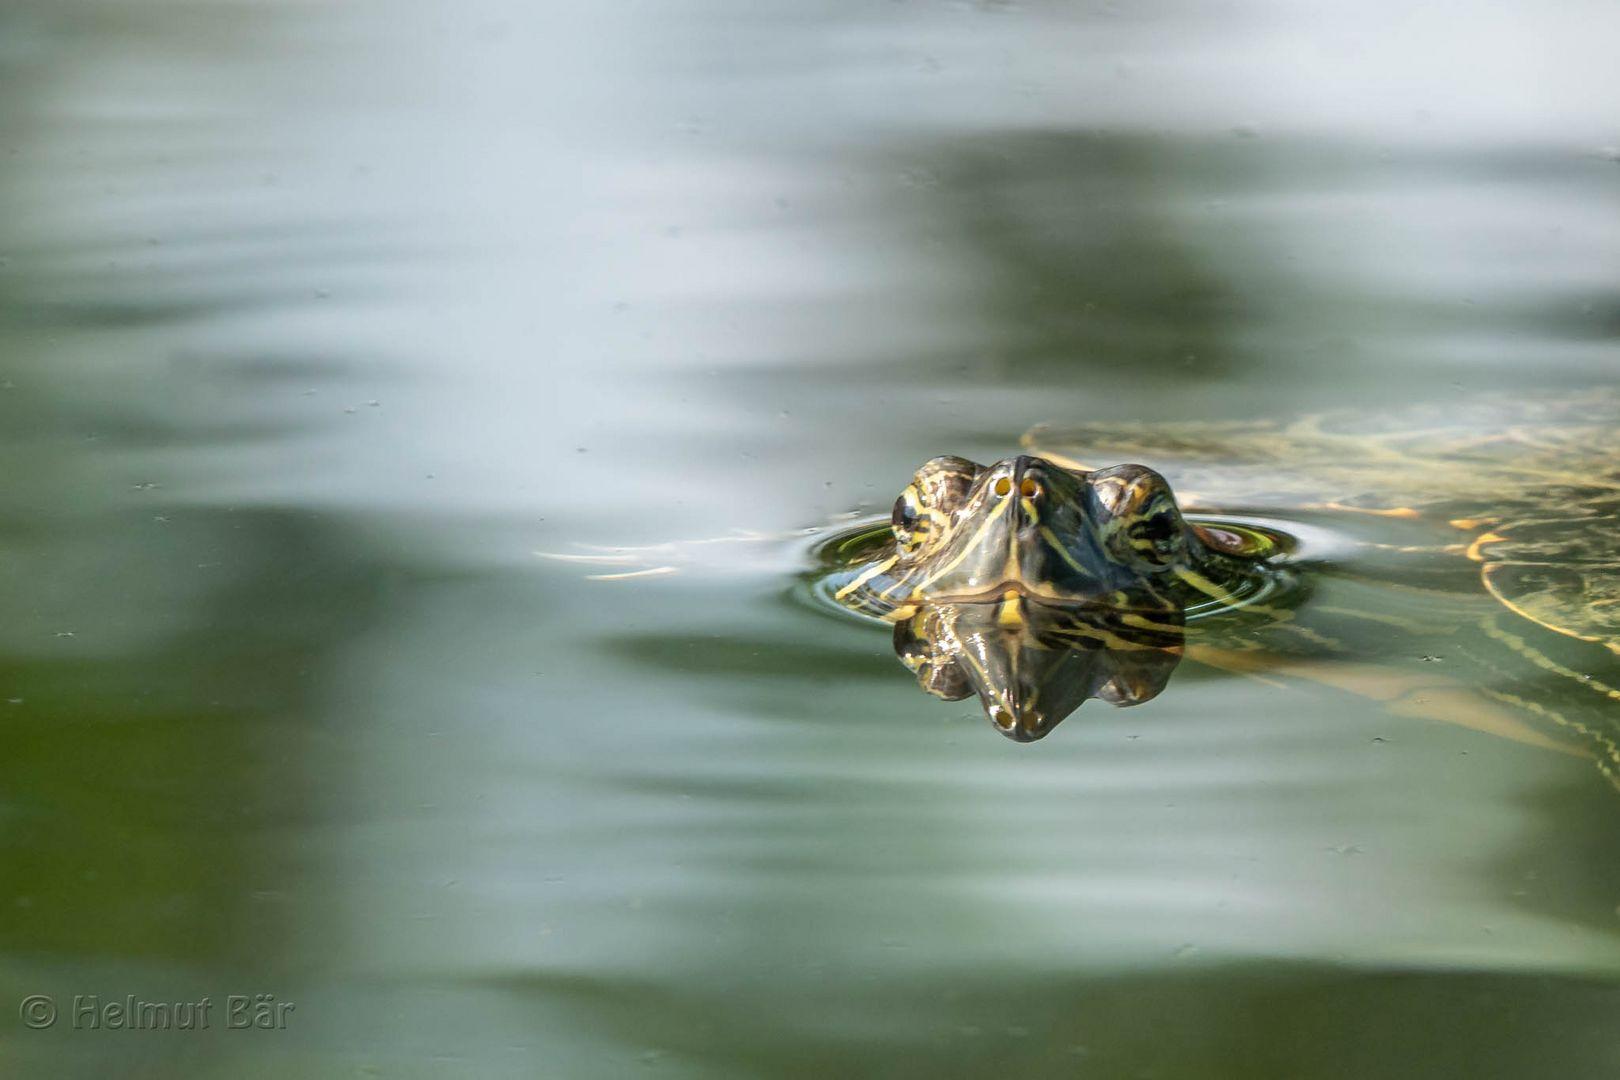 Die kleine Schildkröte